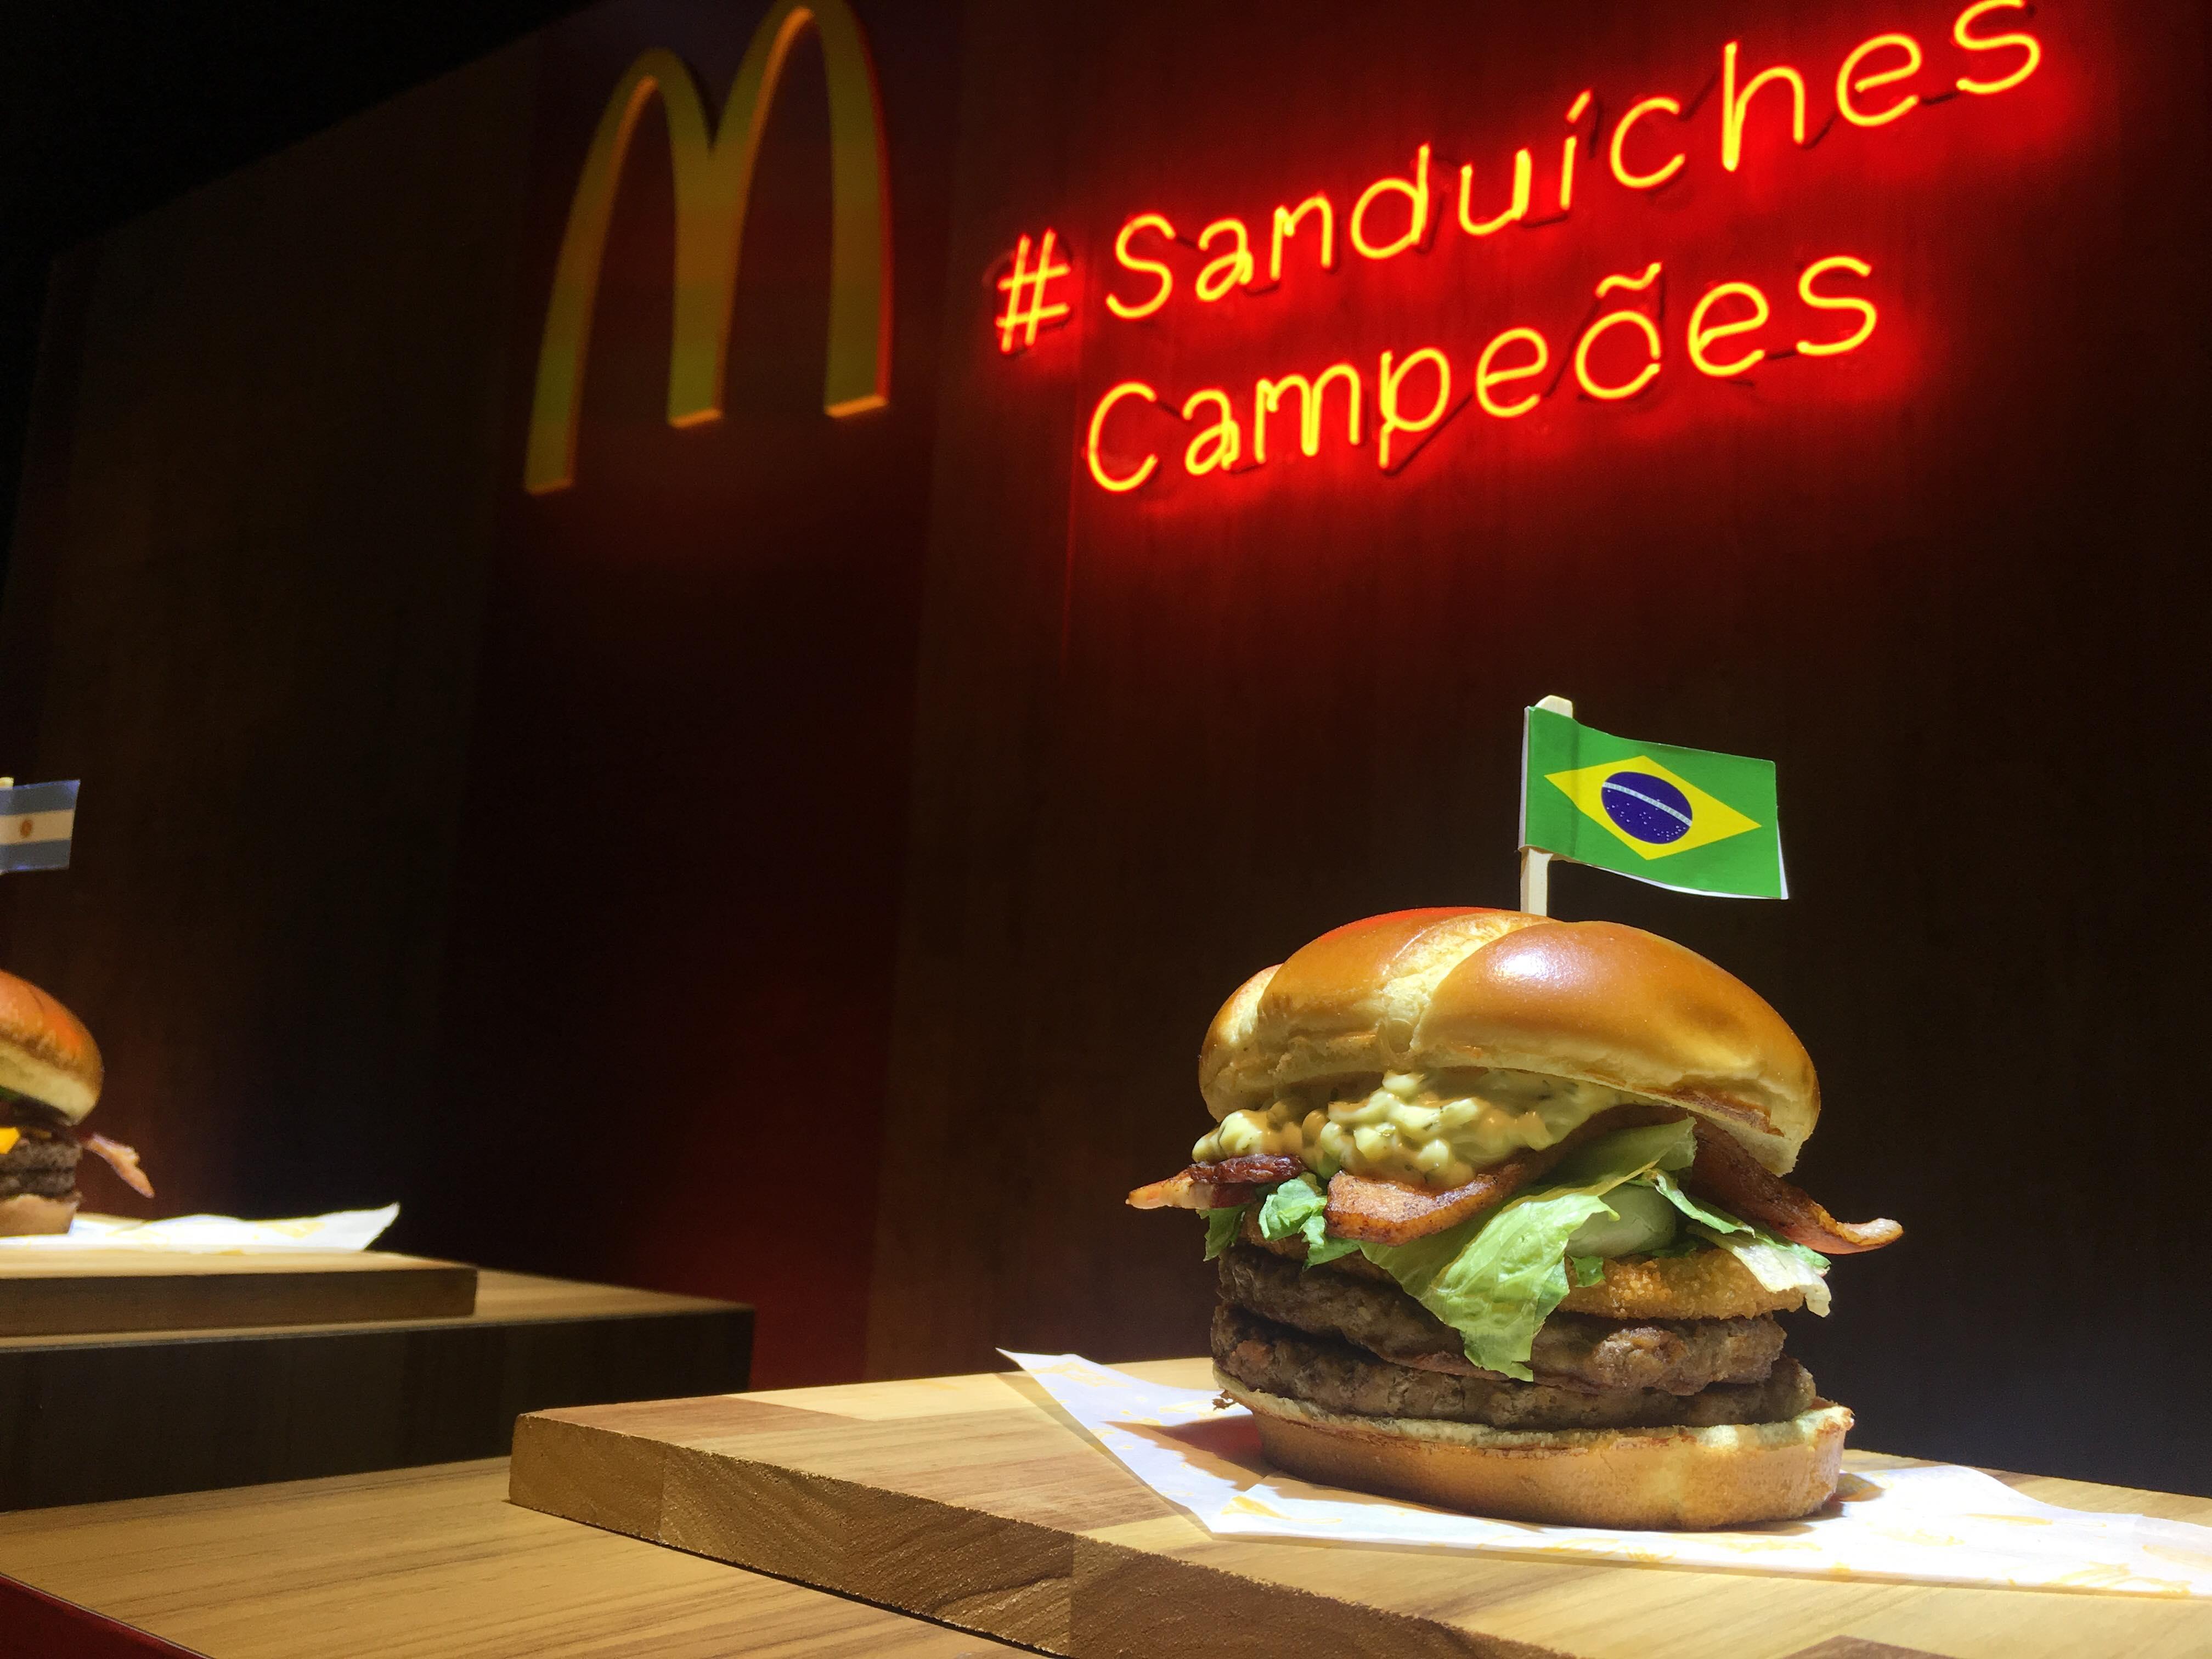 31408047 1900591339991194 6629456040565932032 n Lanches da Copa do McDonalds: Provamos todos e cá está o ranking dos melhores